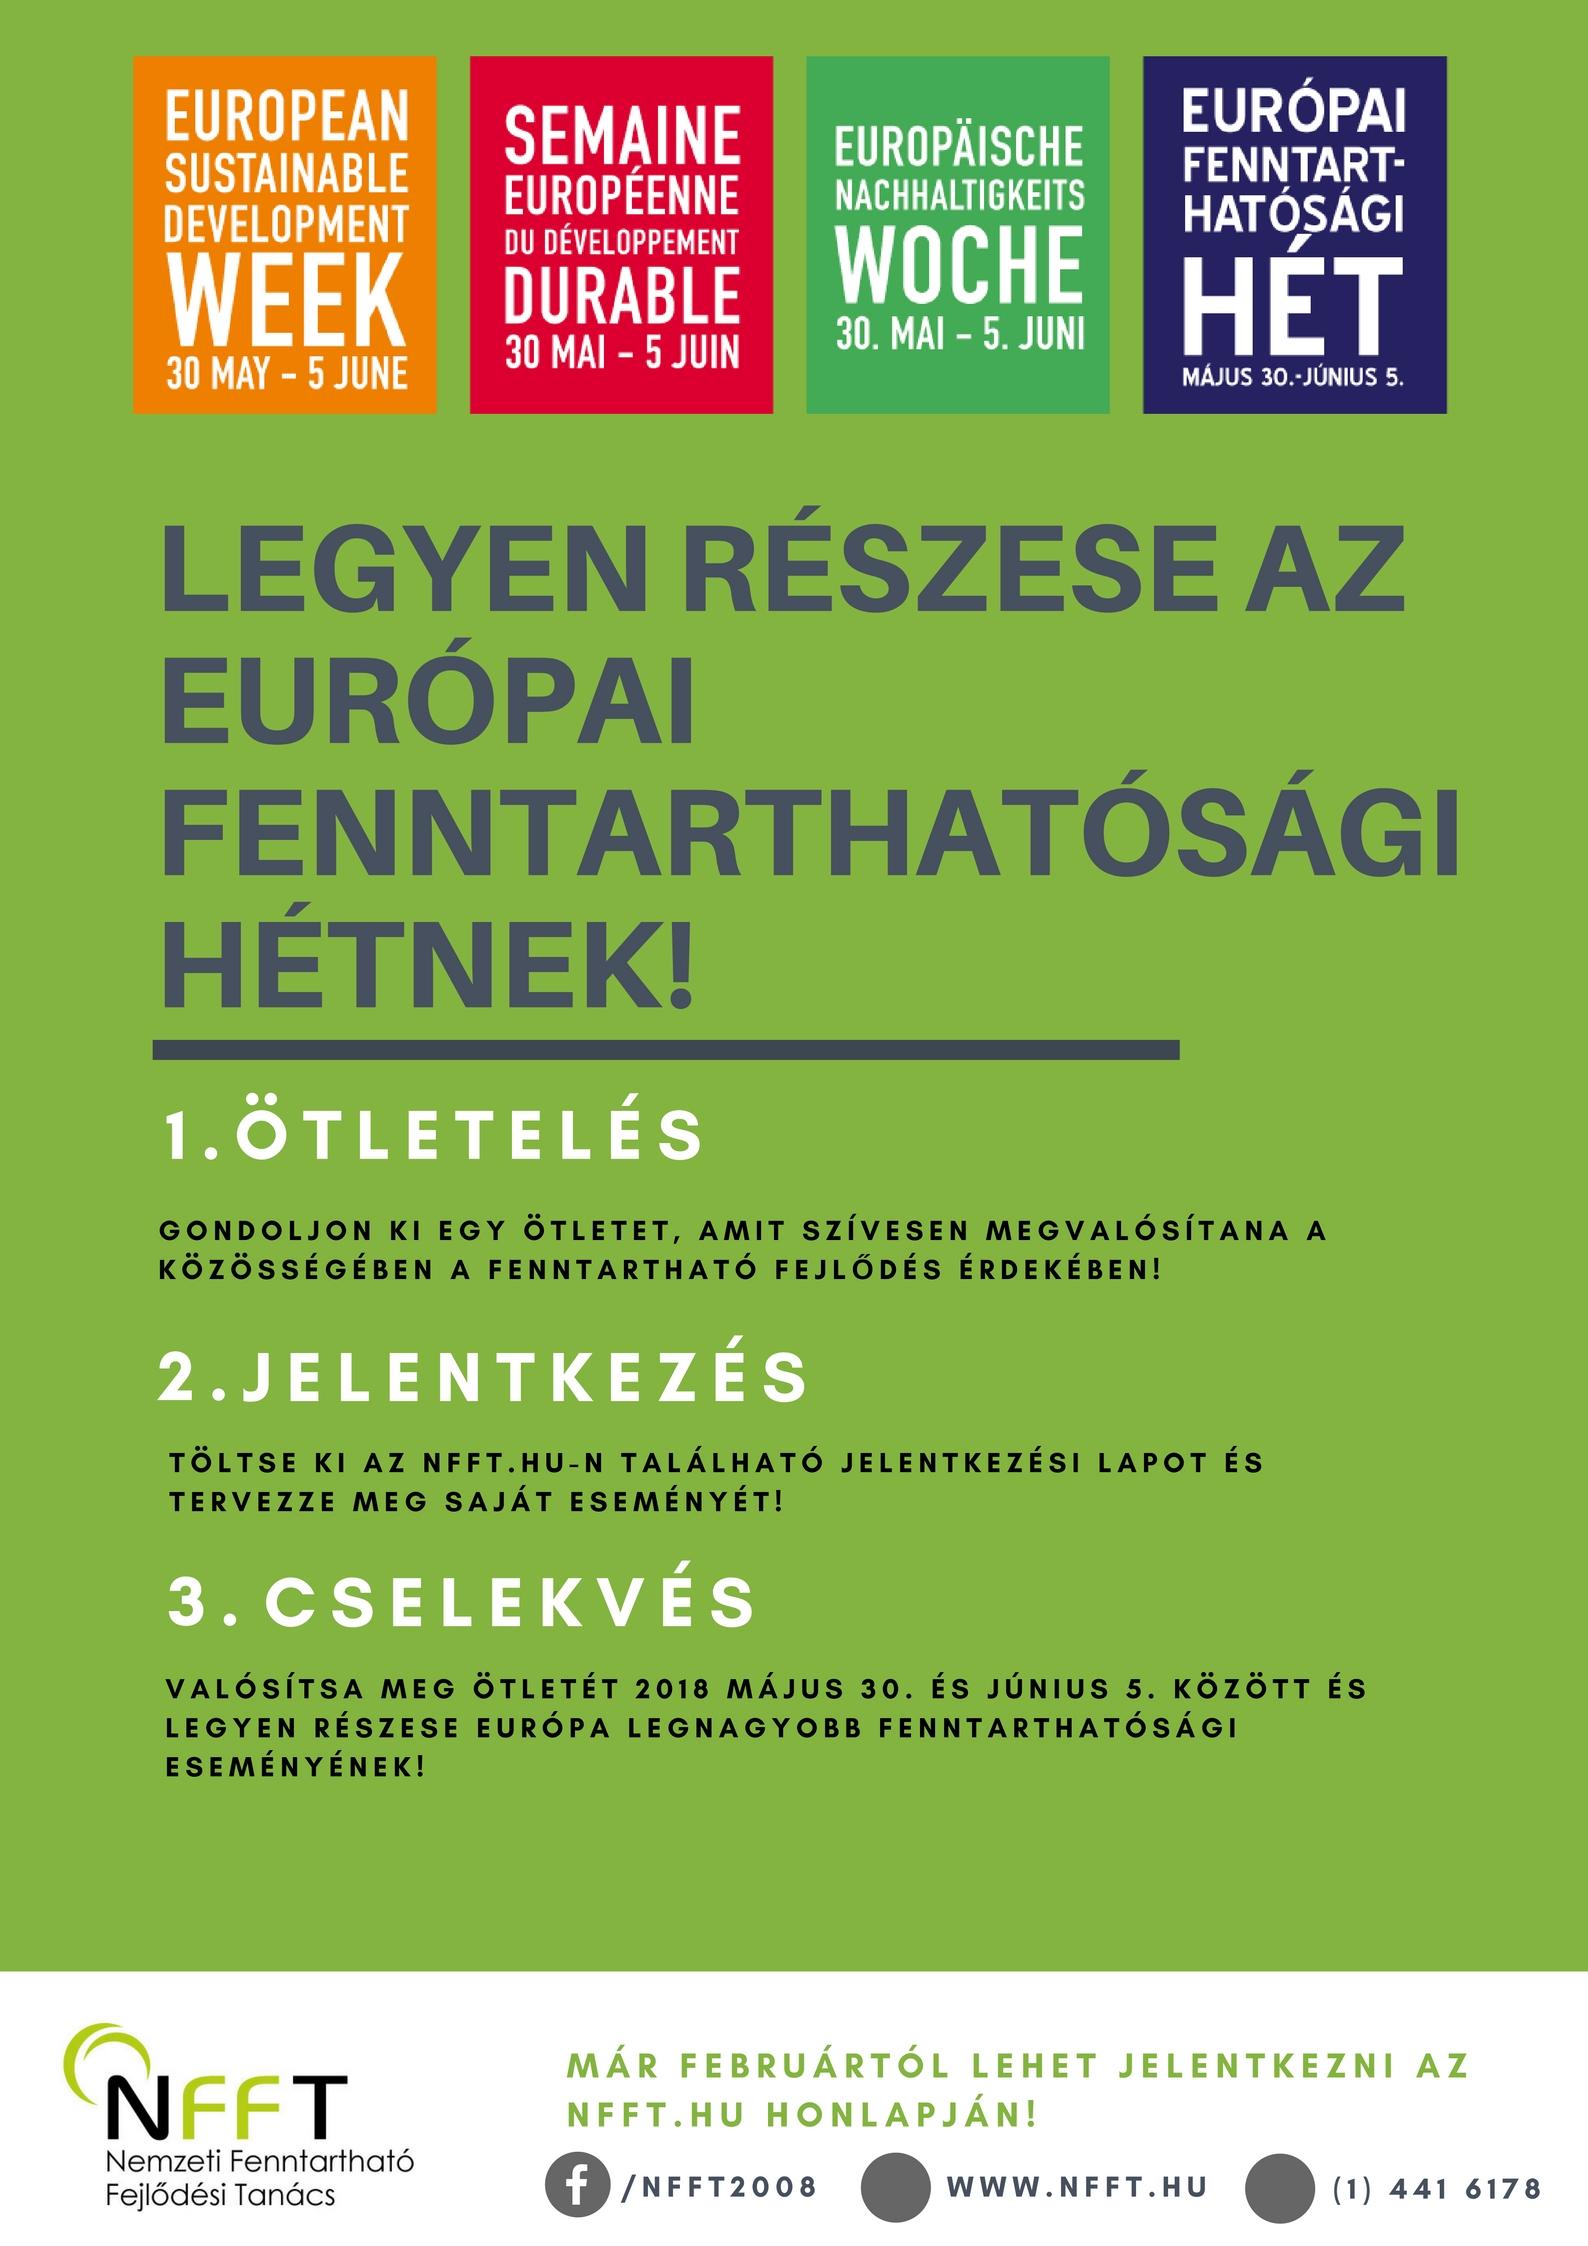 Európai Fenntarthatósági Hét